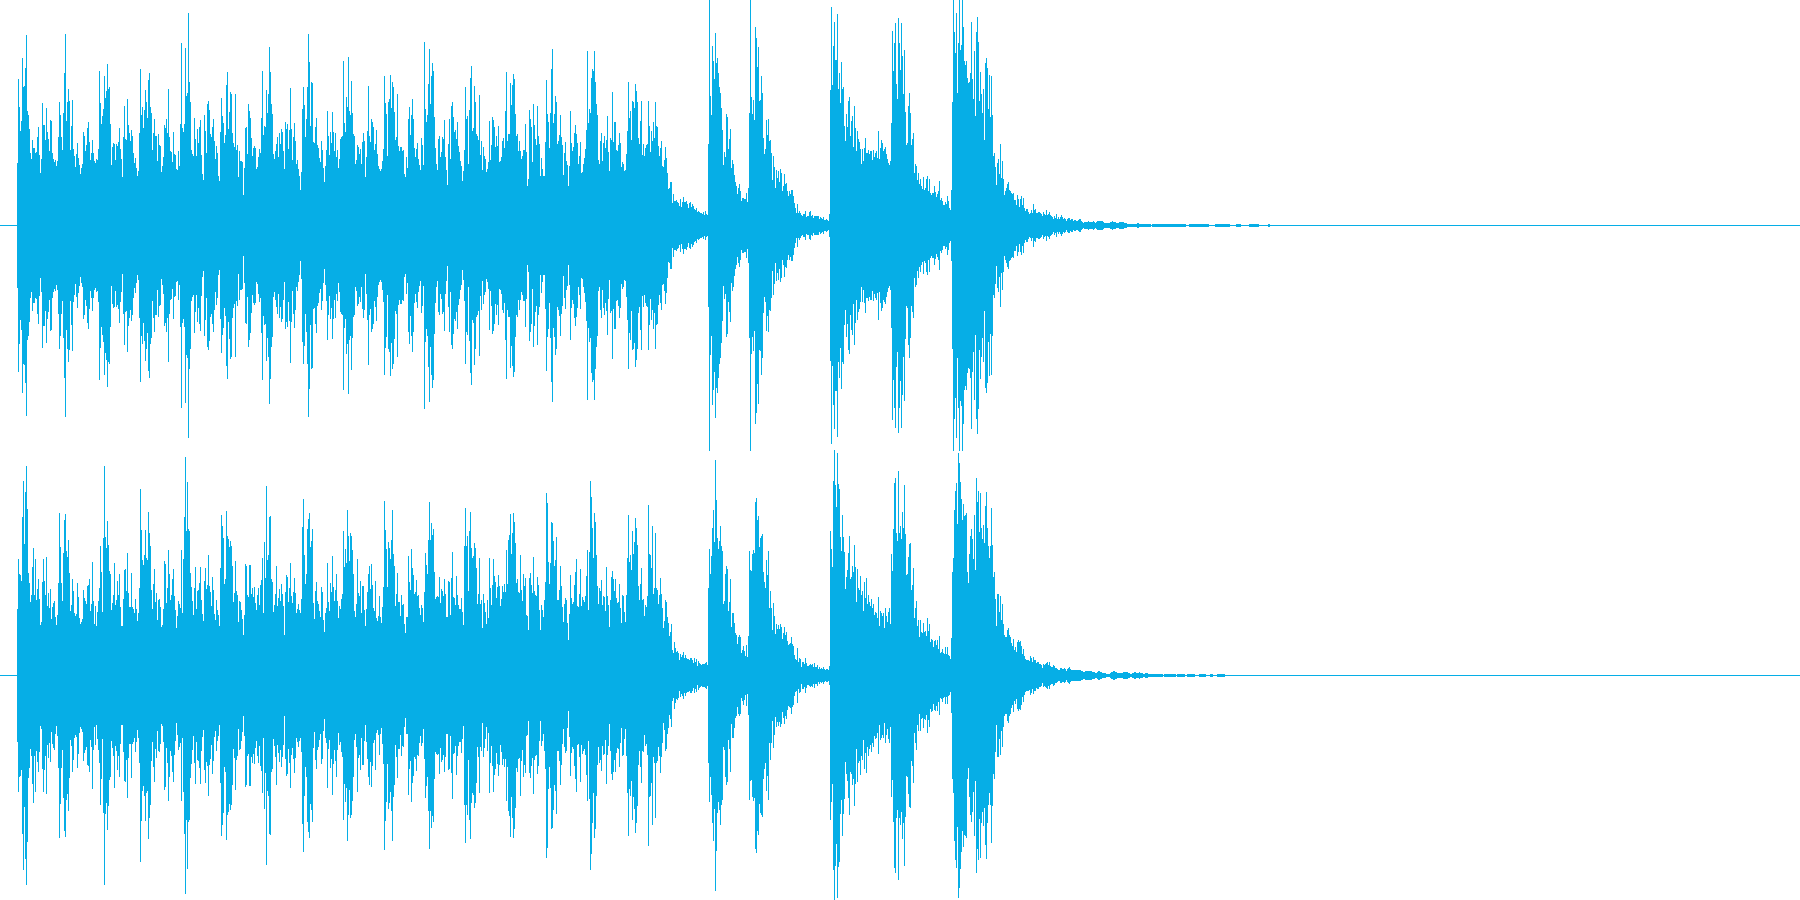 和楽器によるハイテンションな和風ポップの再生済みの波形